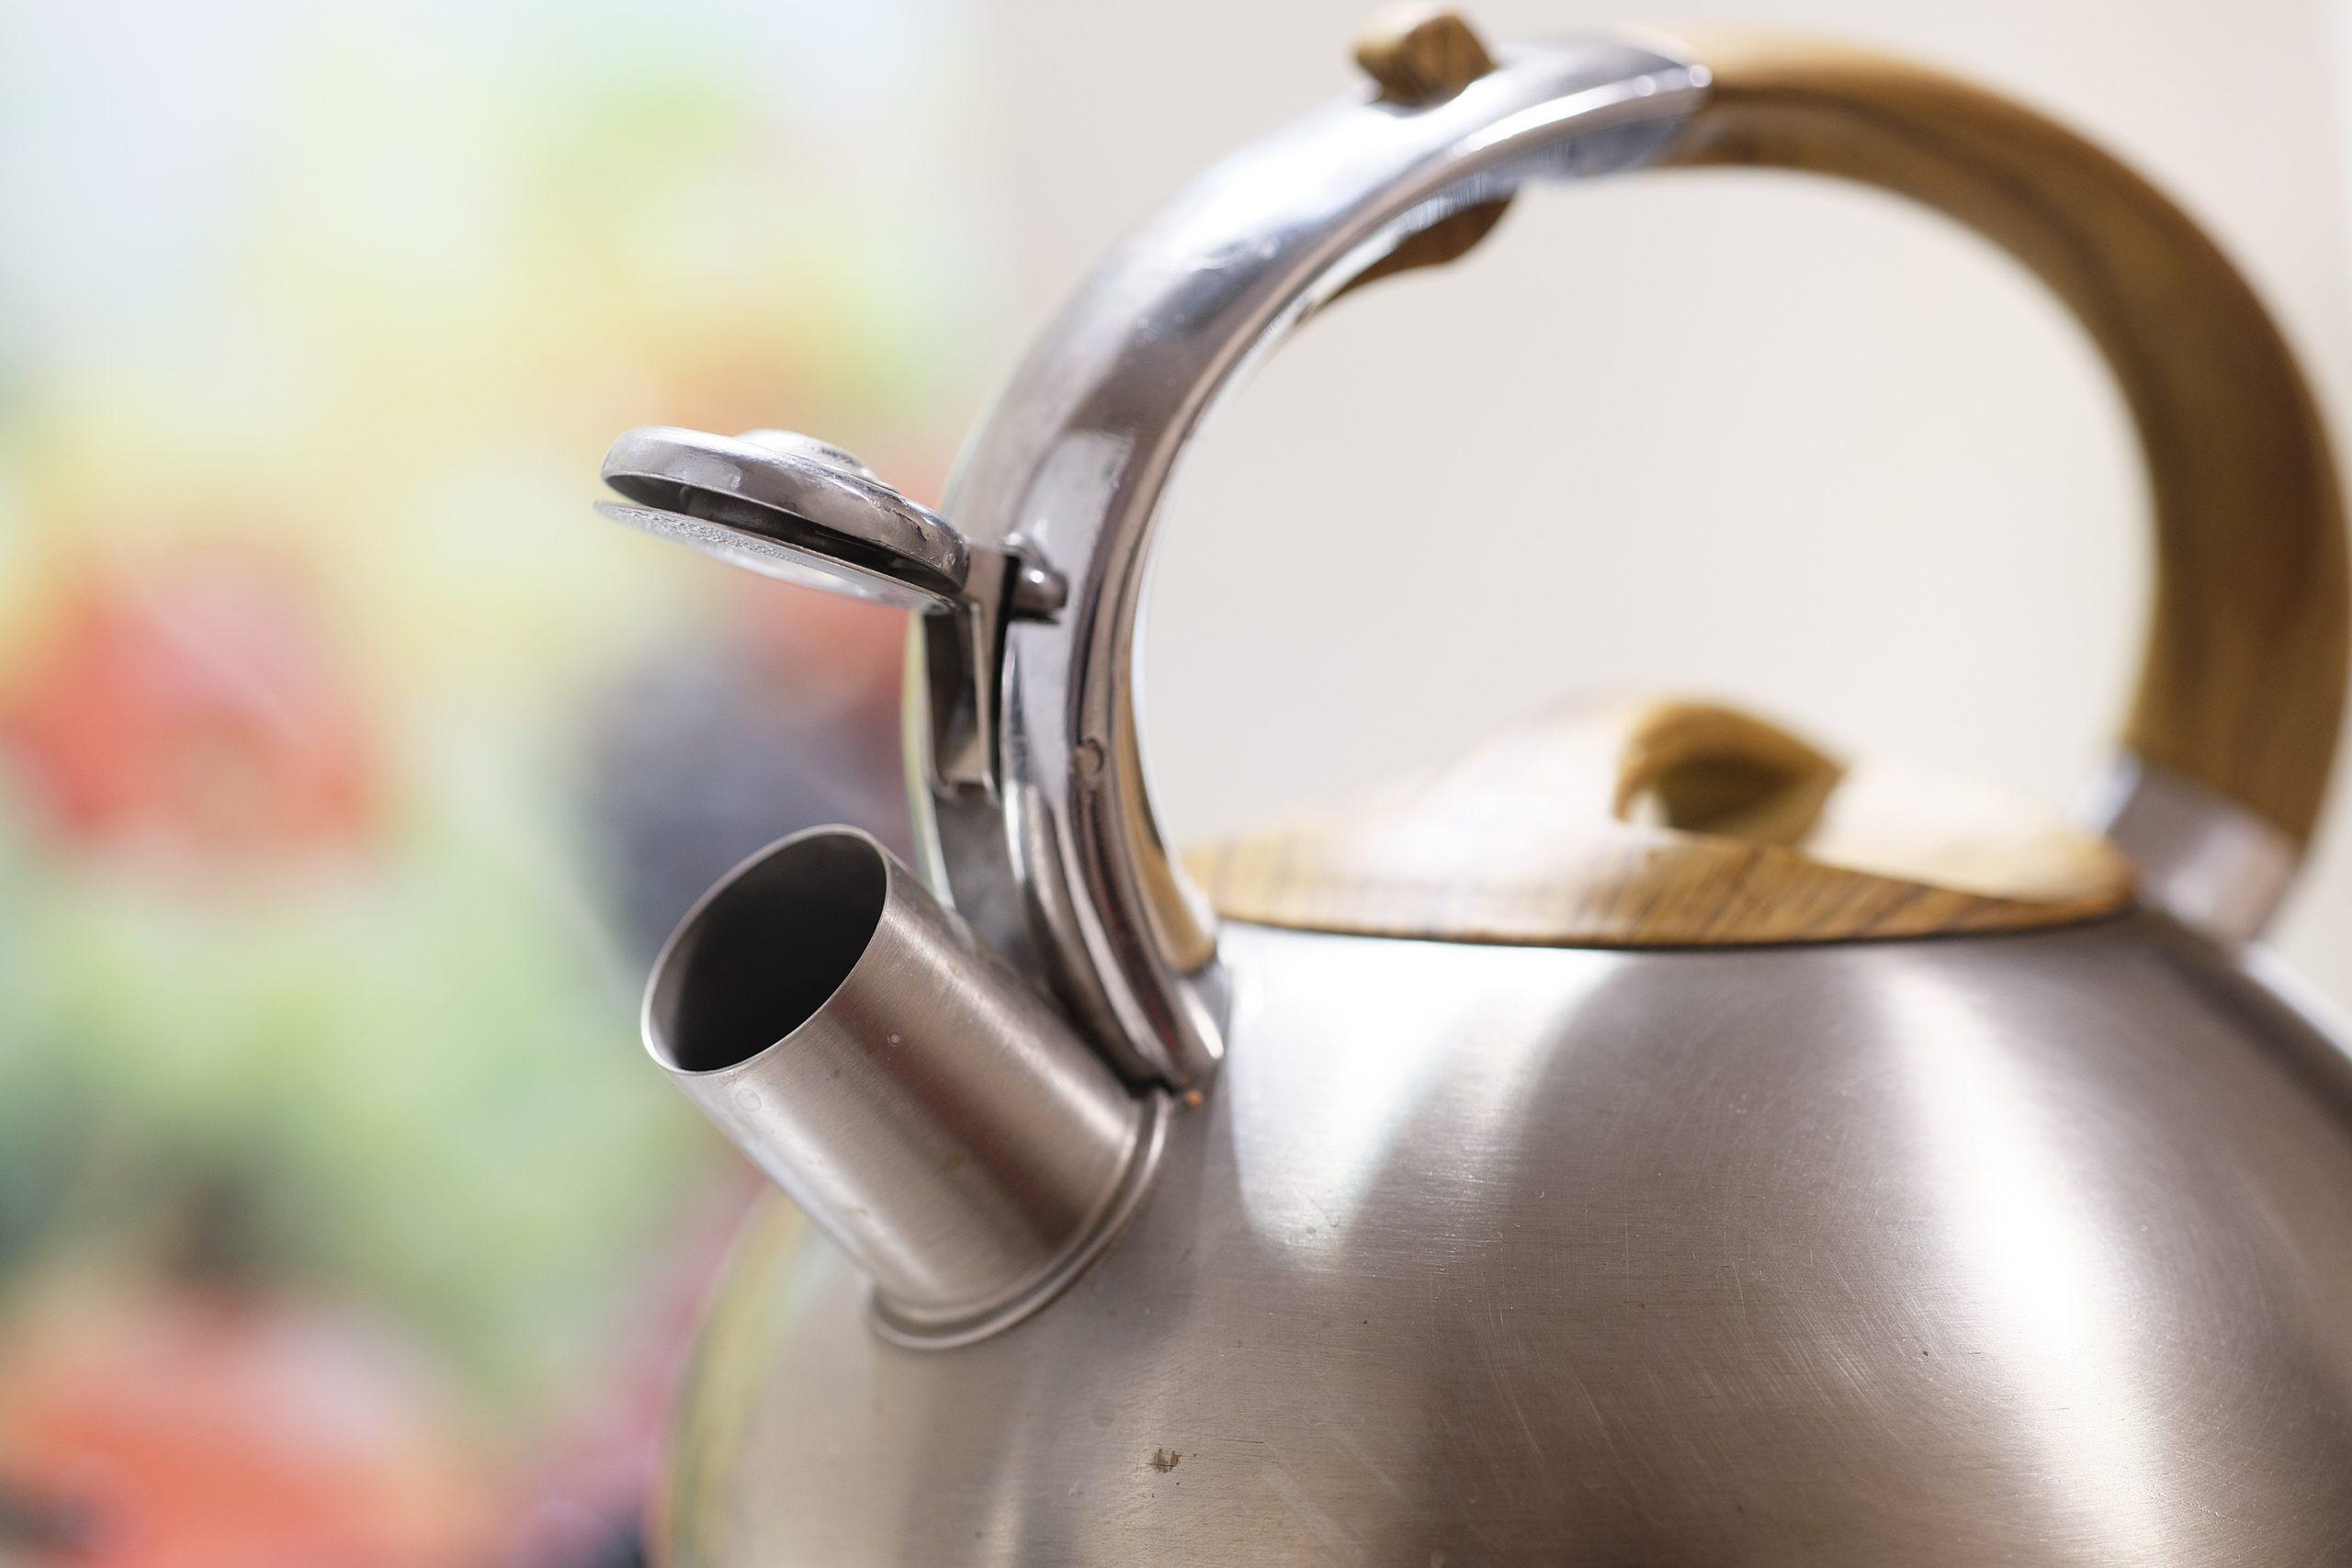 Edelstahl Wasserkocher: Test & Empfehlungen (05/20)